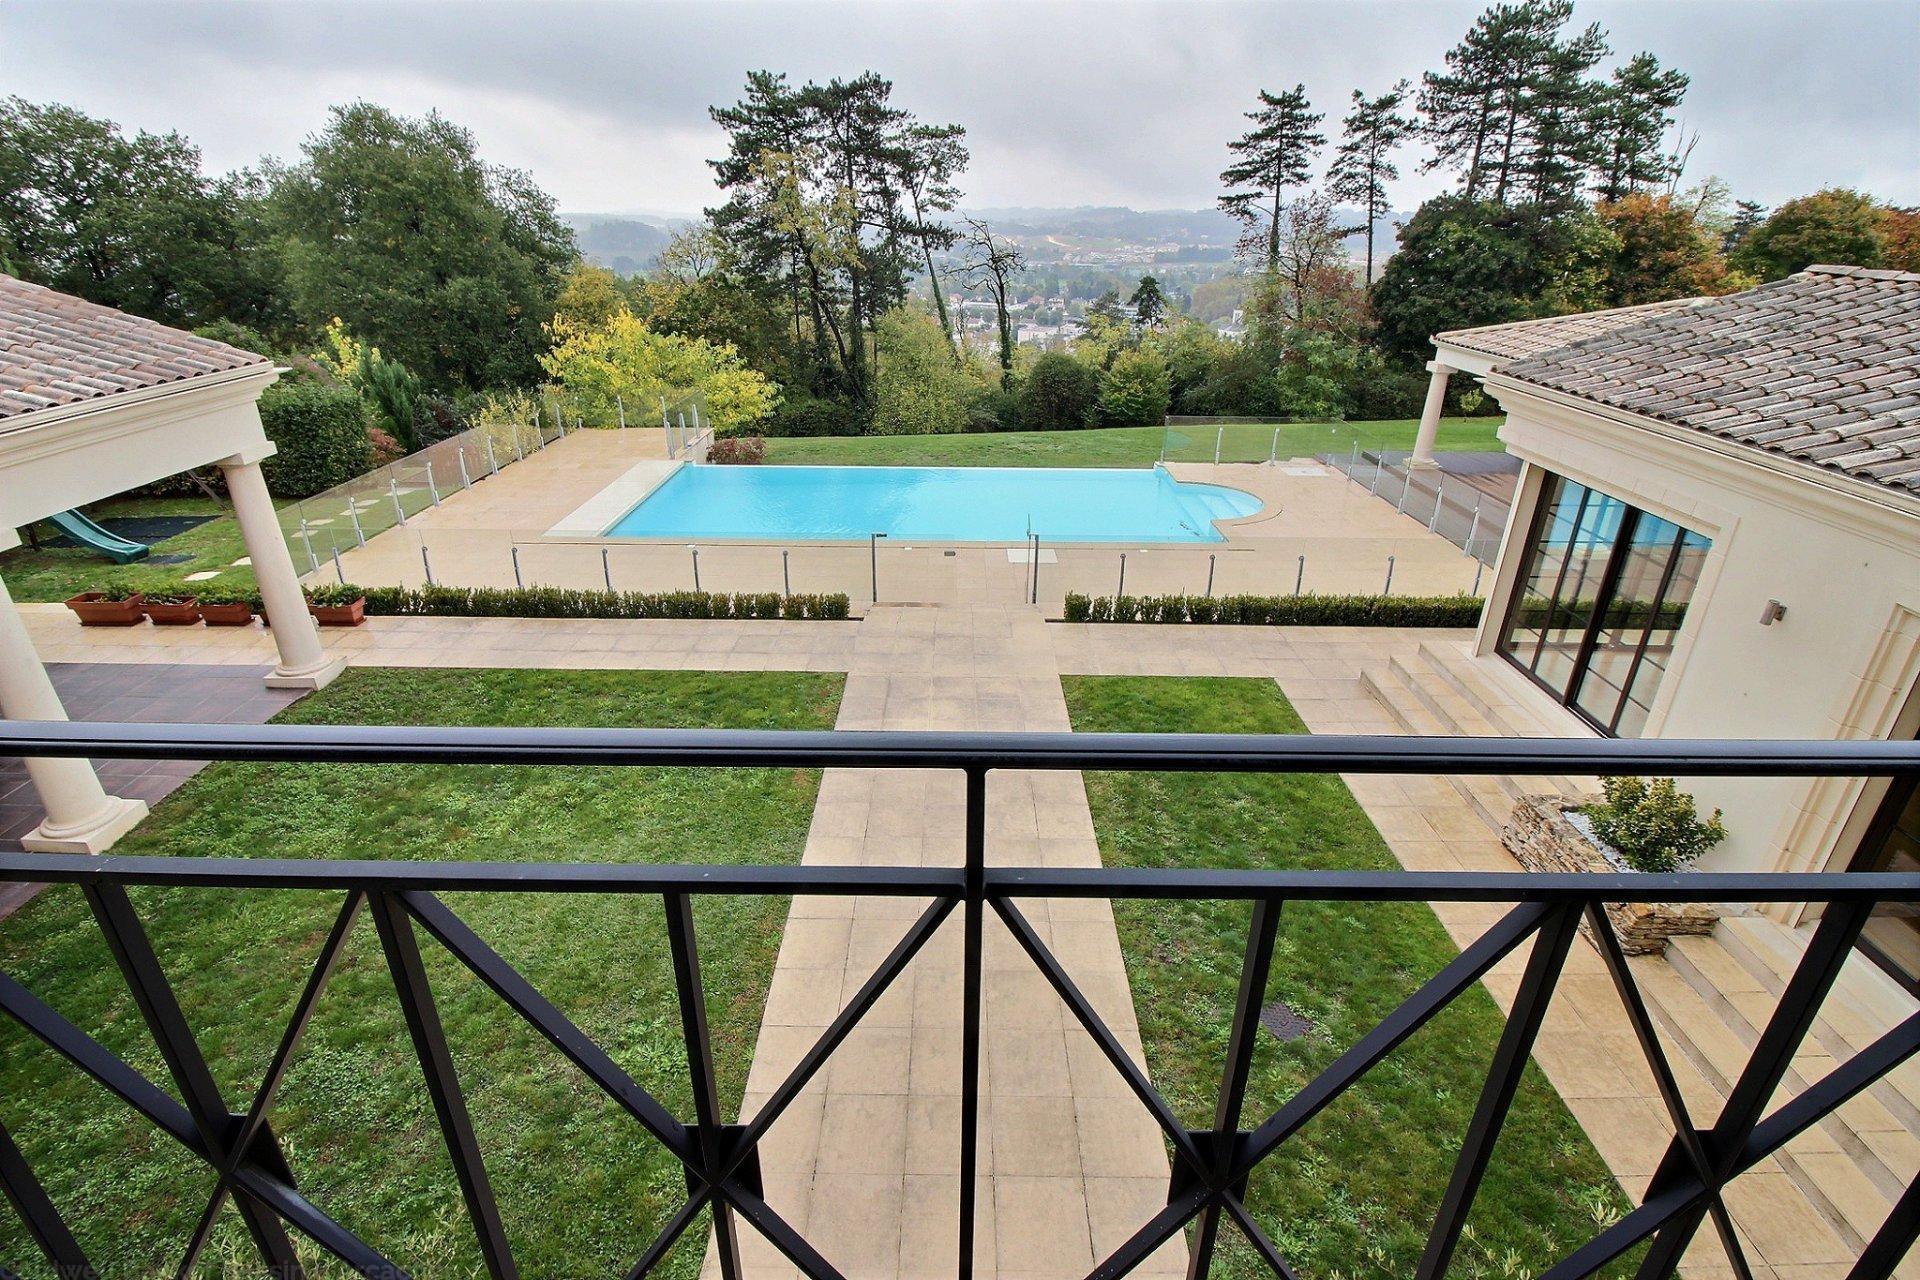 Recherche villa haut de gamme 6 chambres avec piscine dordogne proche perigueux trélissac